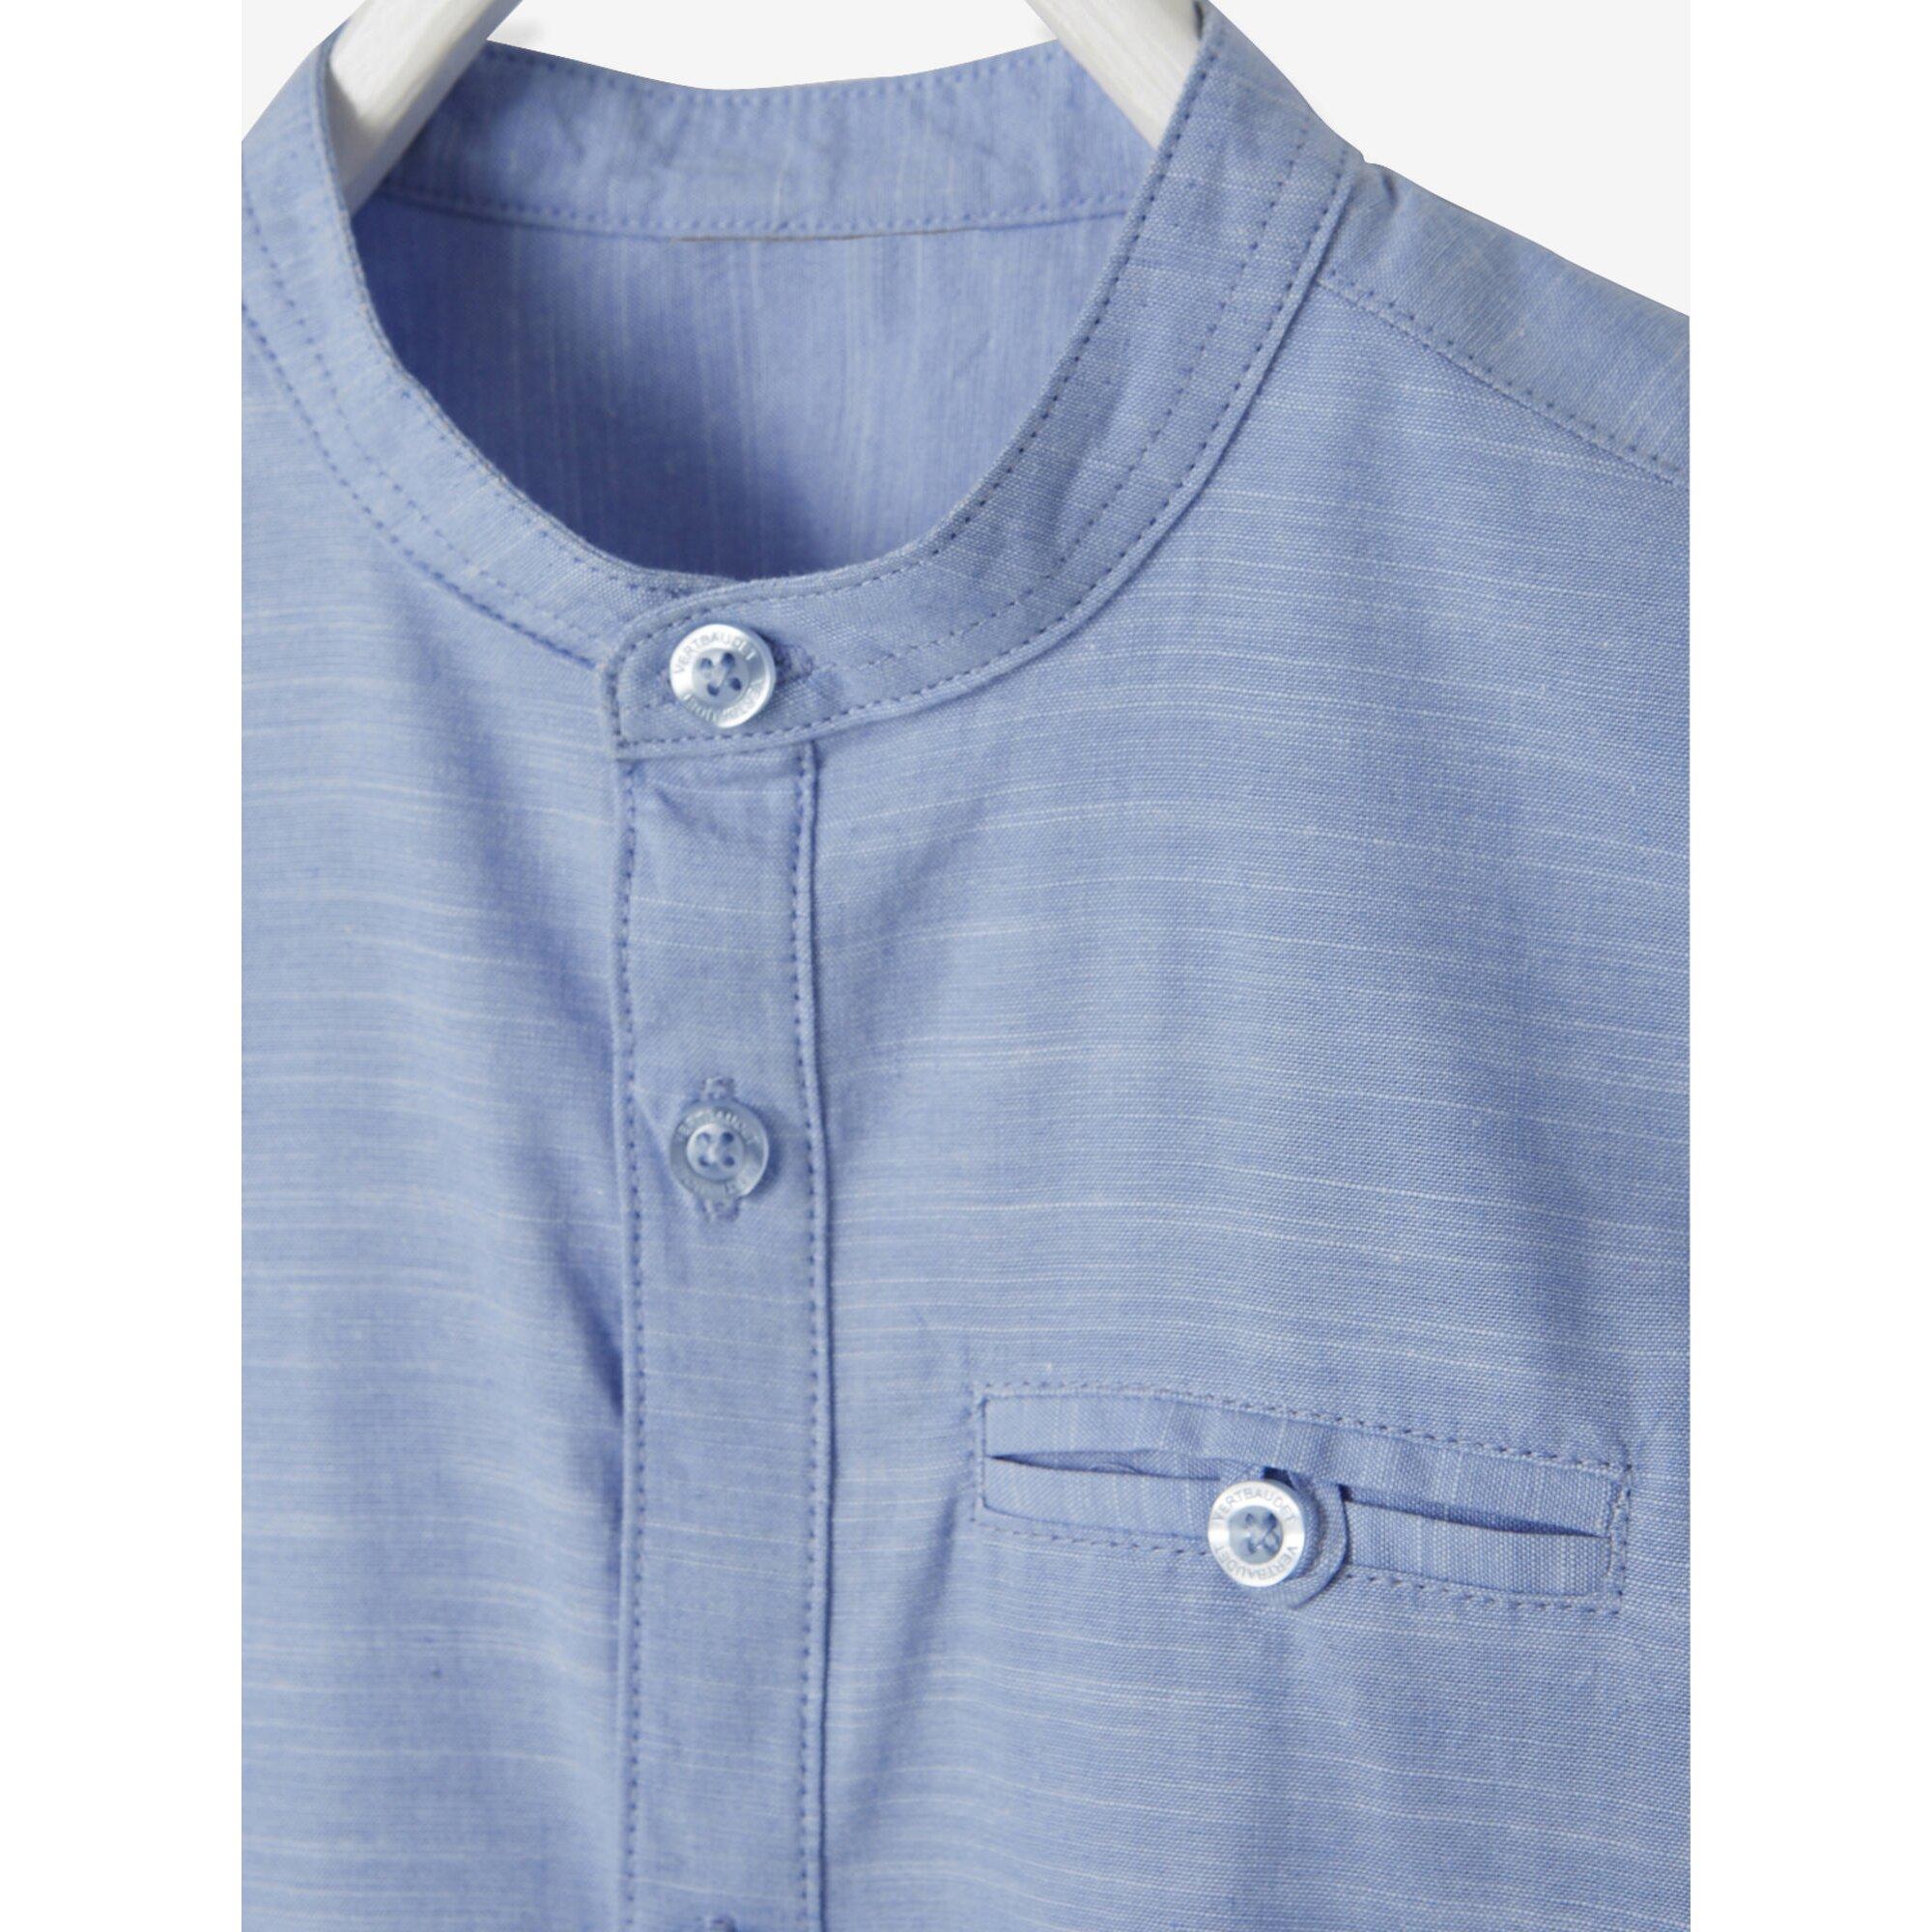 vertbaudet-festliches-jungen-hemd-mit-stehkragen